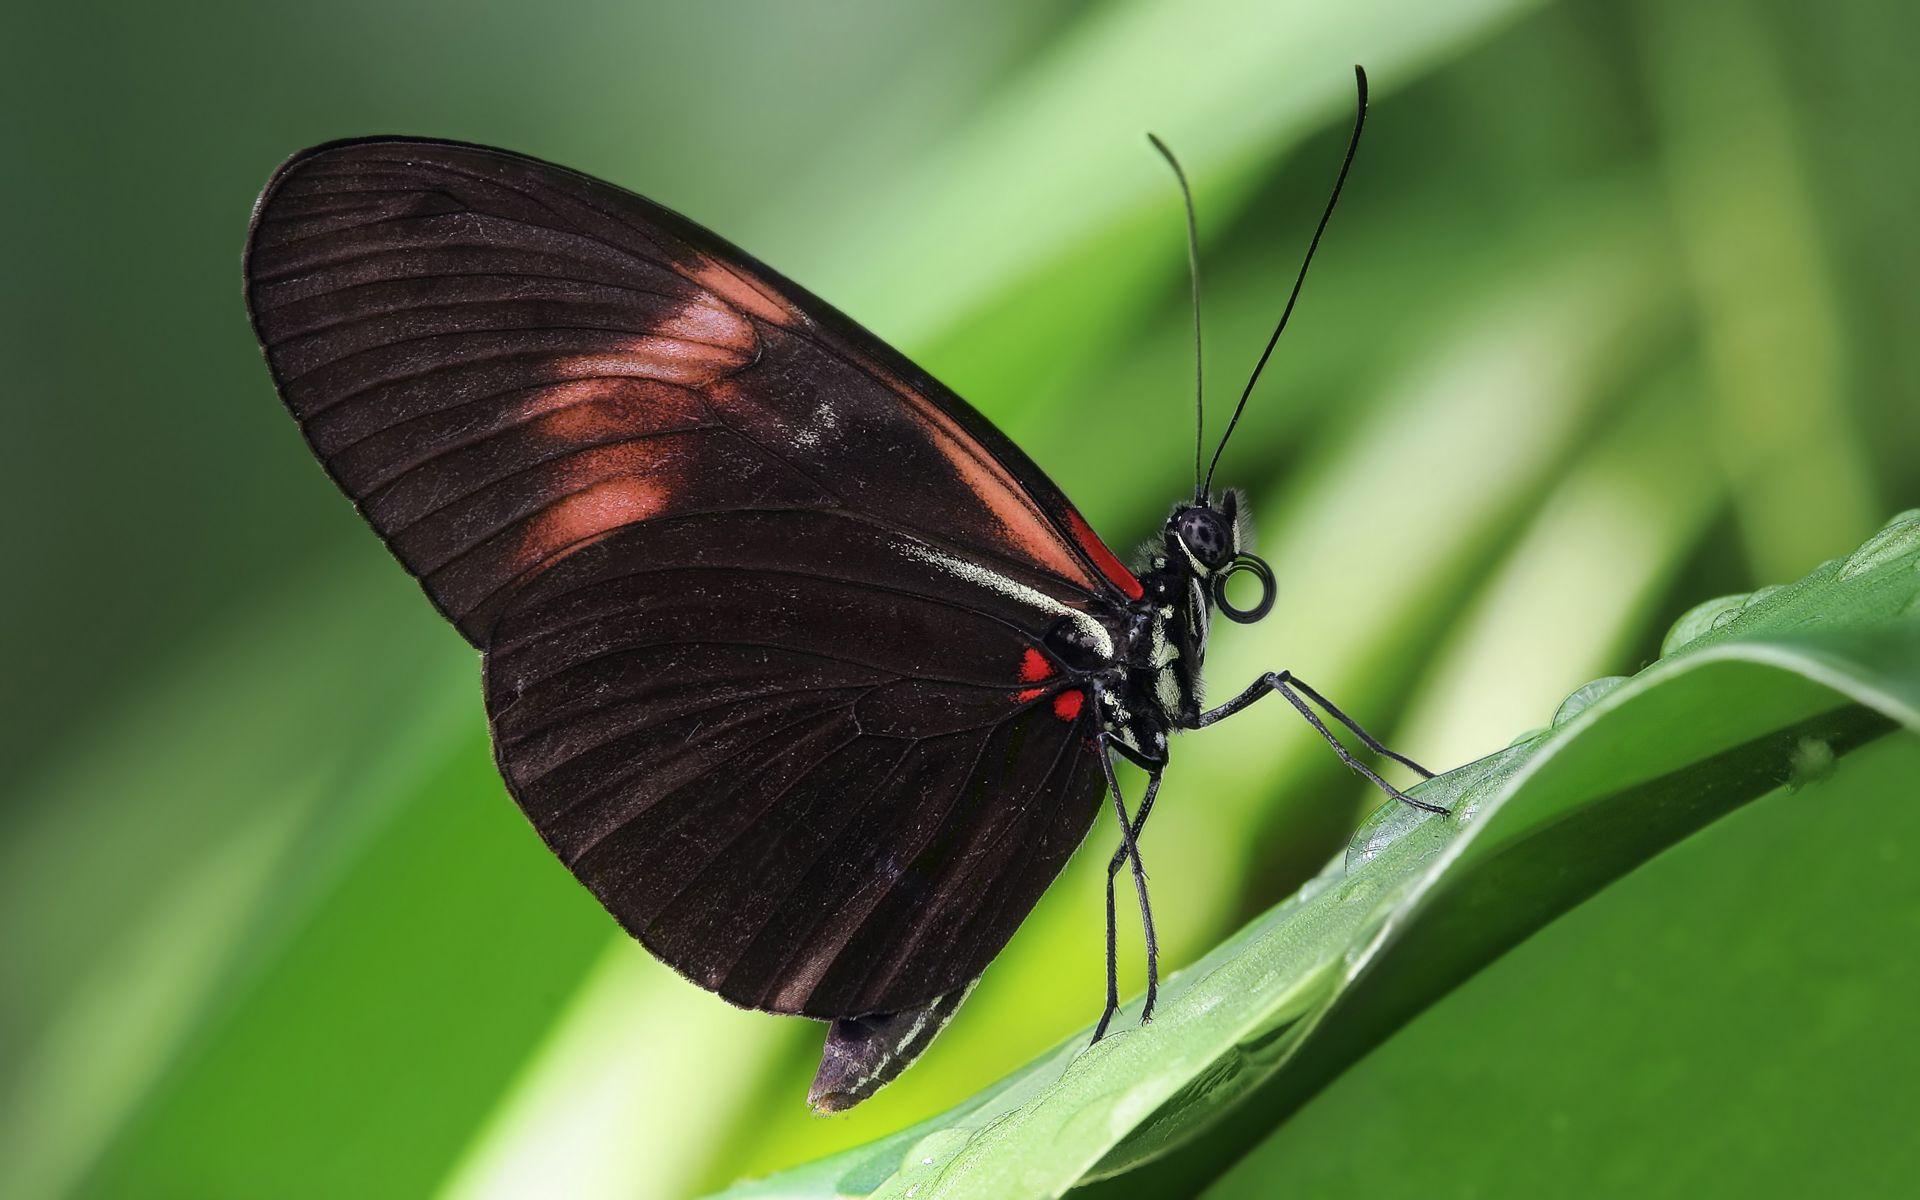 Heliconius melpomene, es una especie de lepidóptero perteneciente a la familia Nymphalidae.